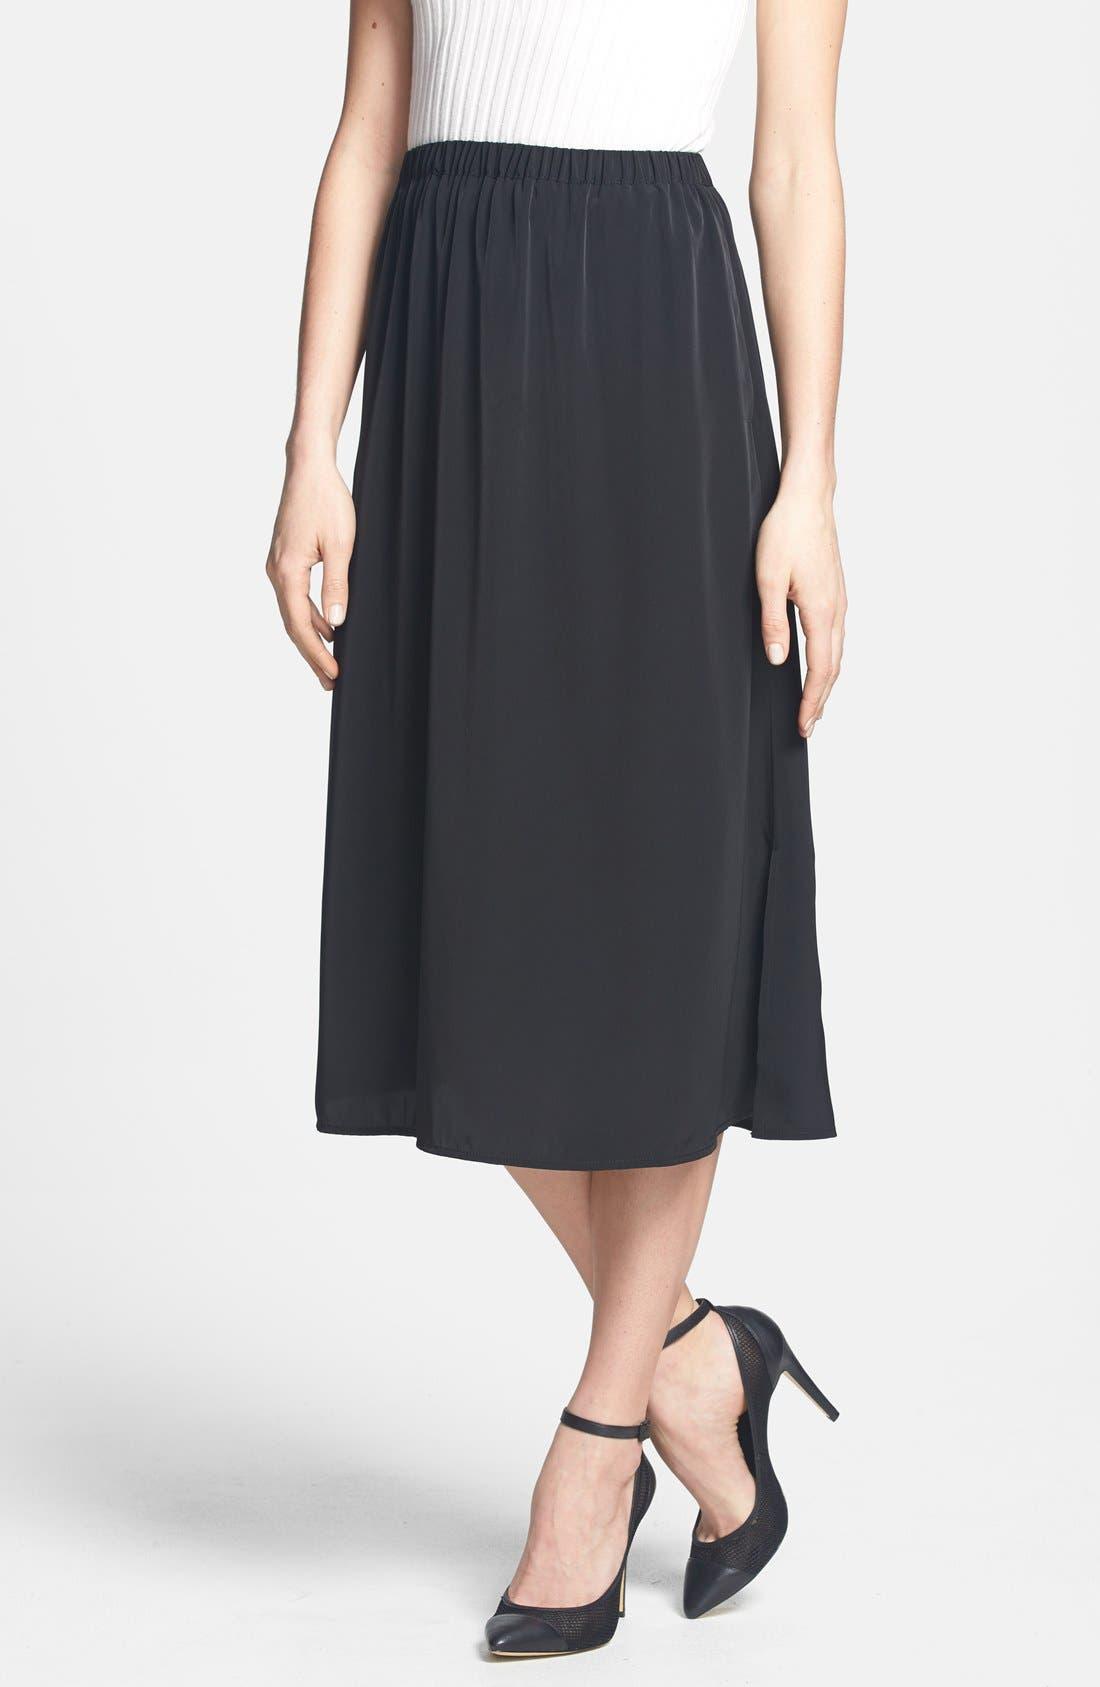 Alternate Image 1 Selected - Leith Side Slit Woven Midi Skirt